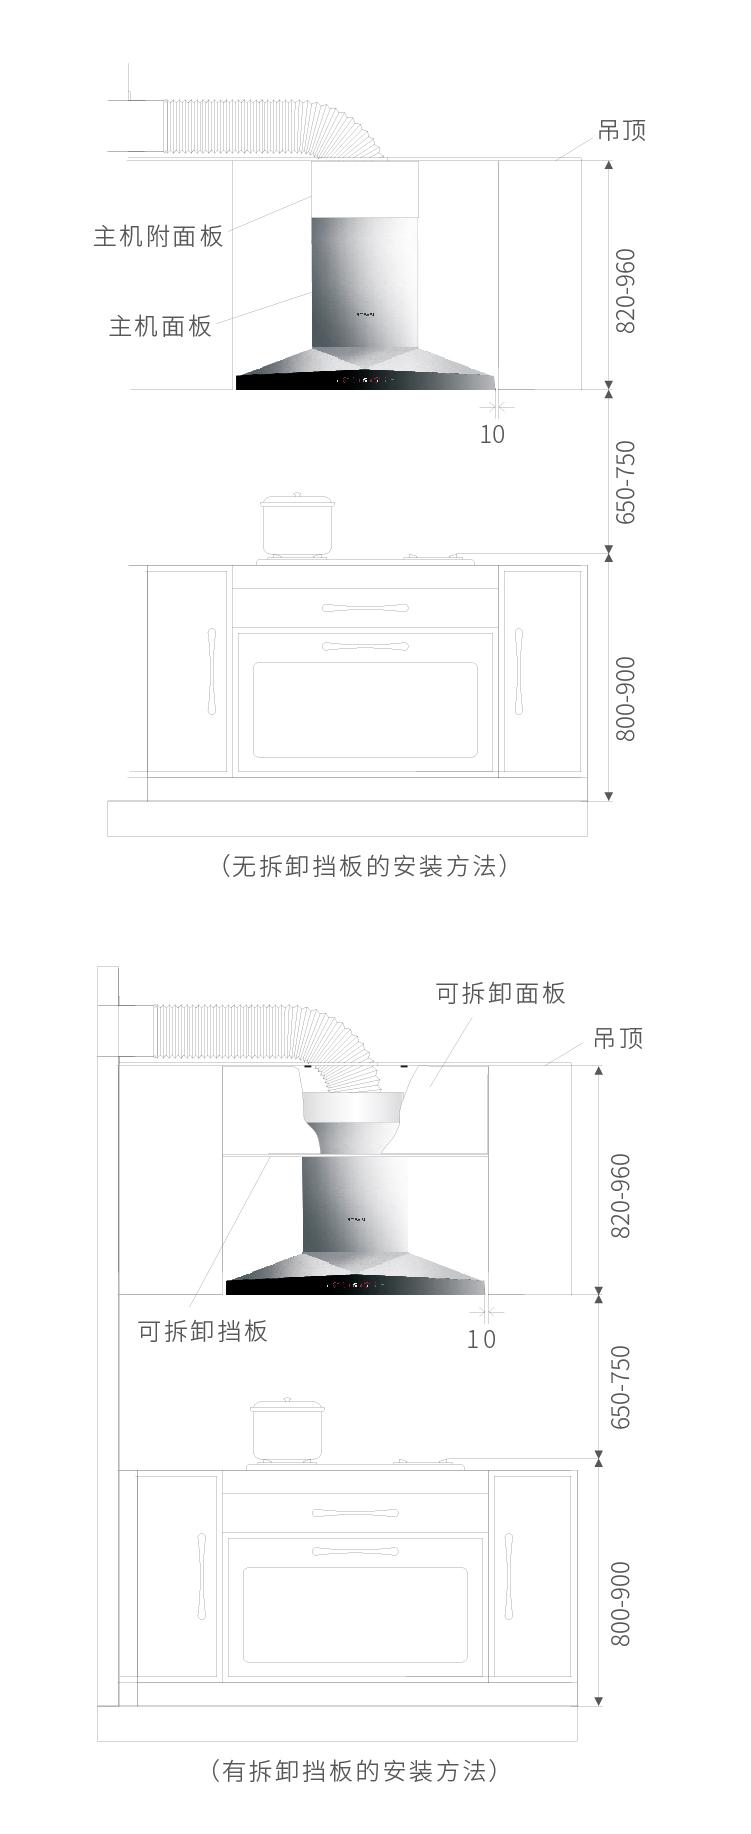 老板大吸力油烟机cxw-200-8229_商品详情「购买优惠」